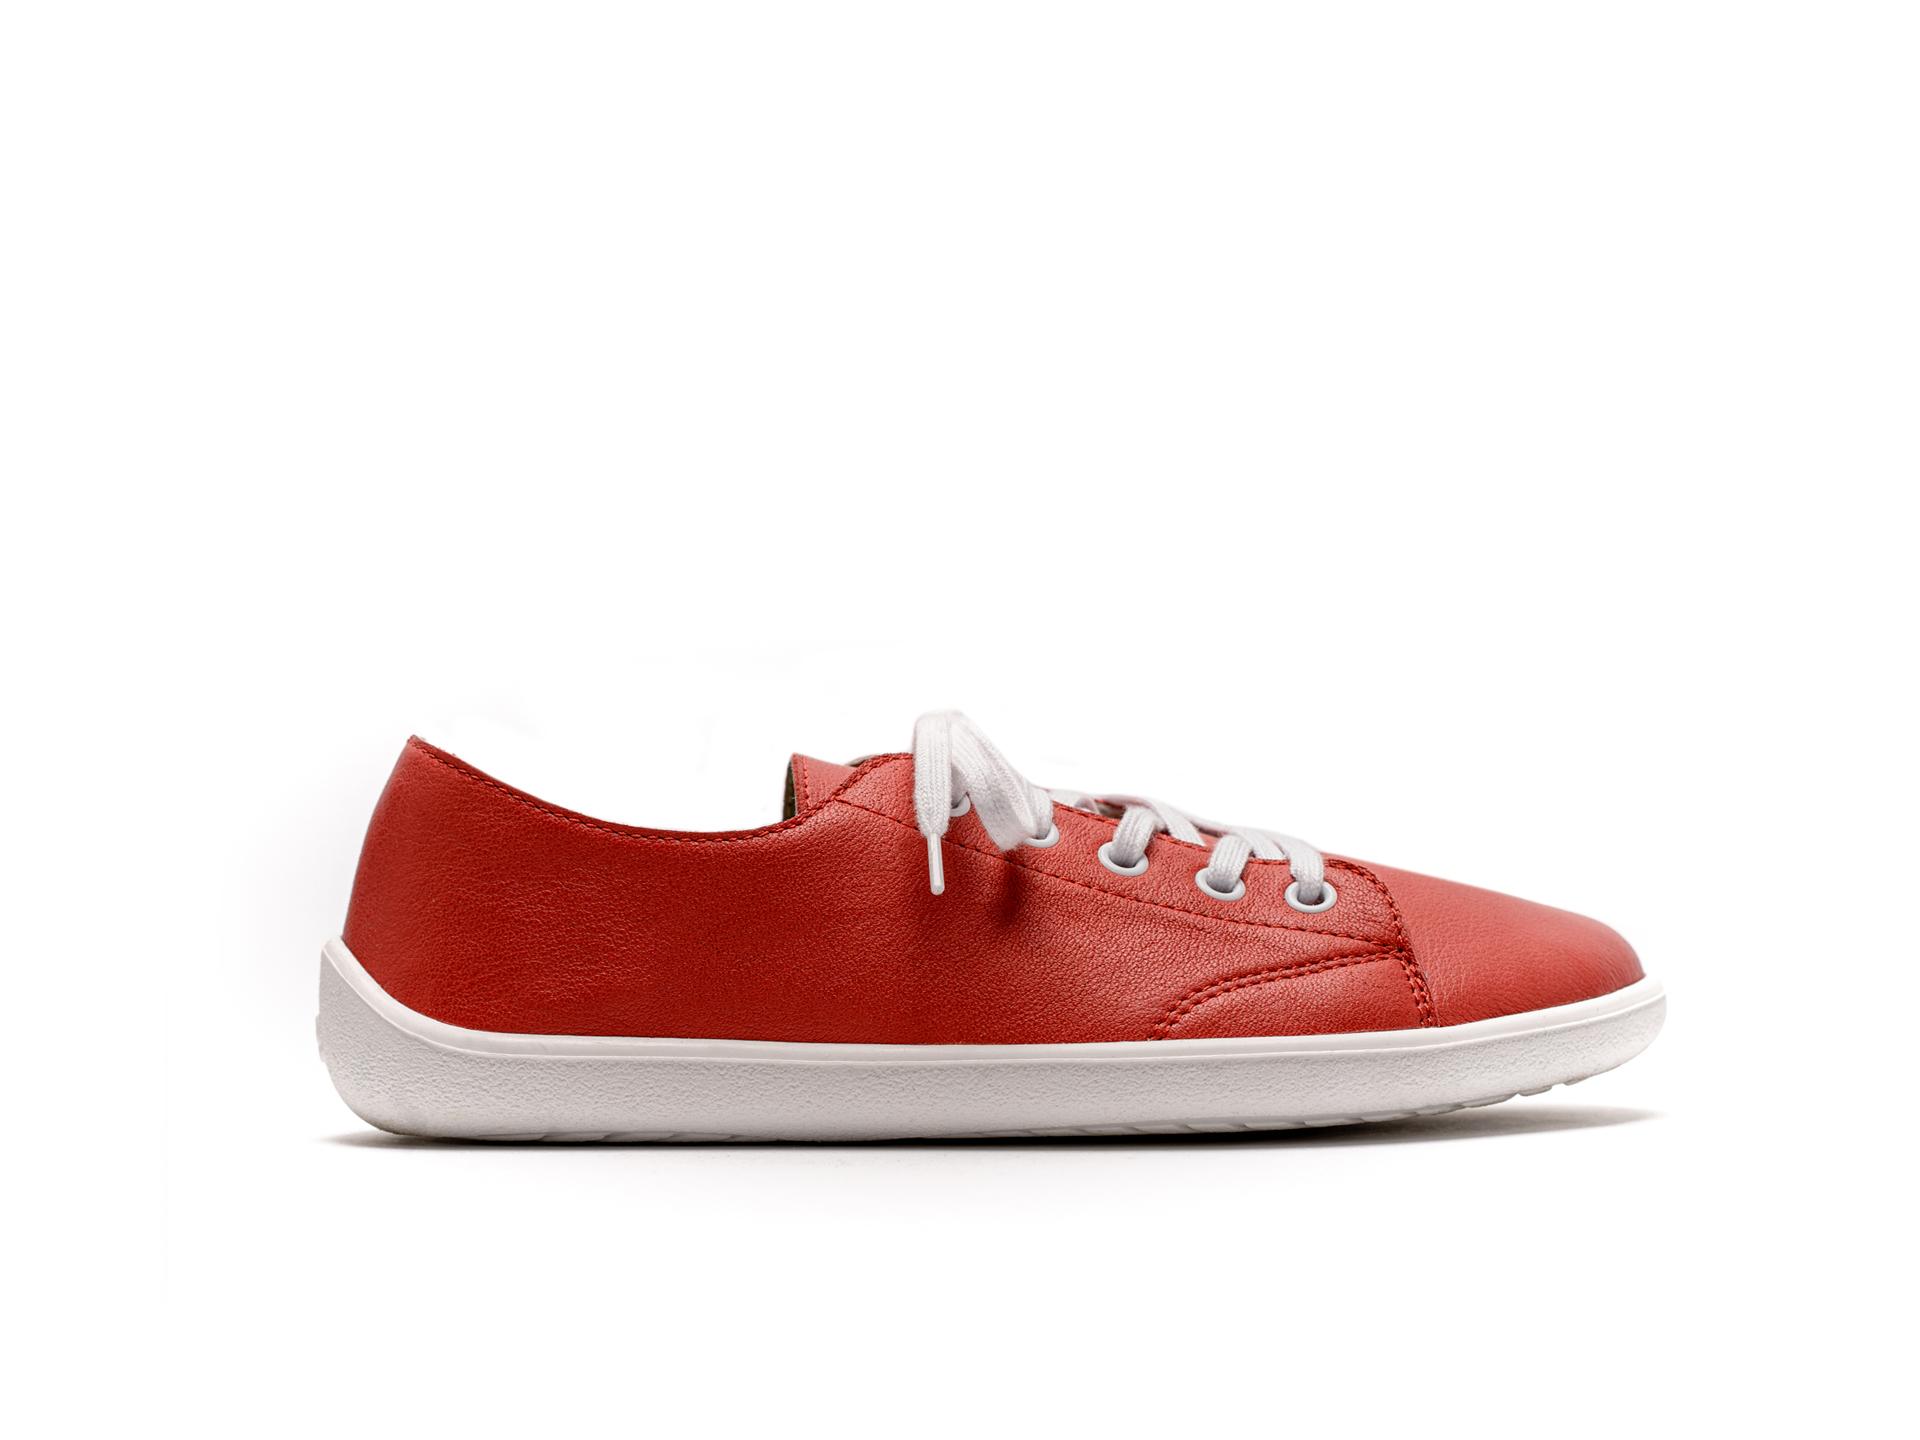 Barefoot Sneakers - Be Lenka Prime - Red 37